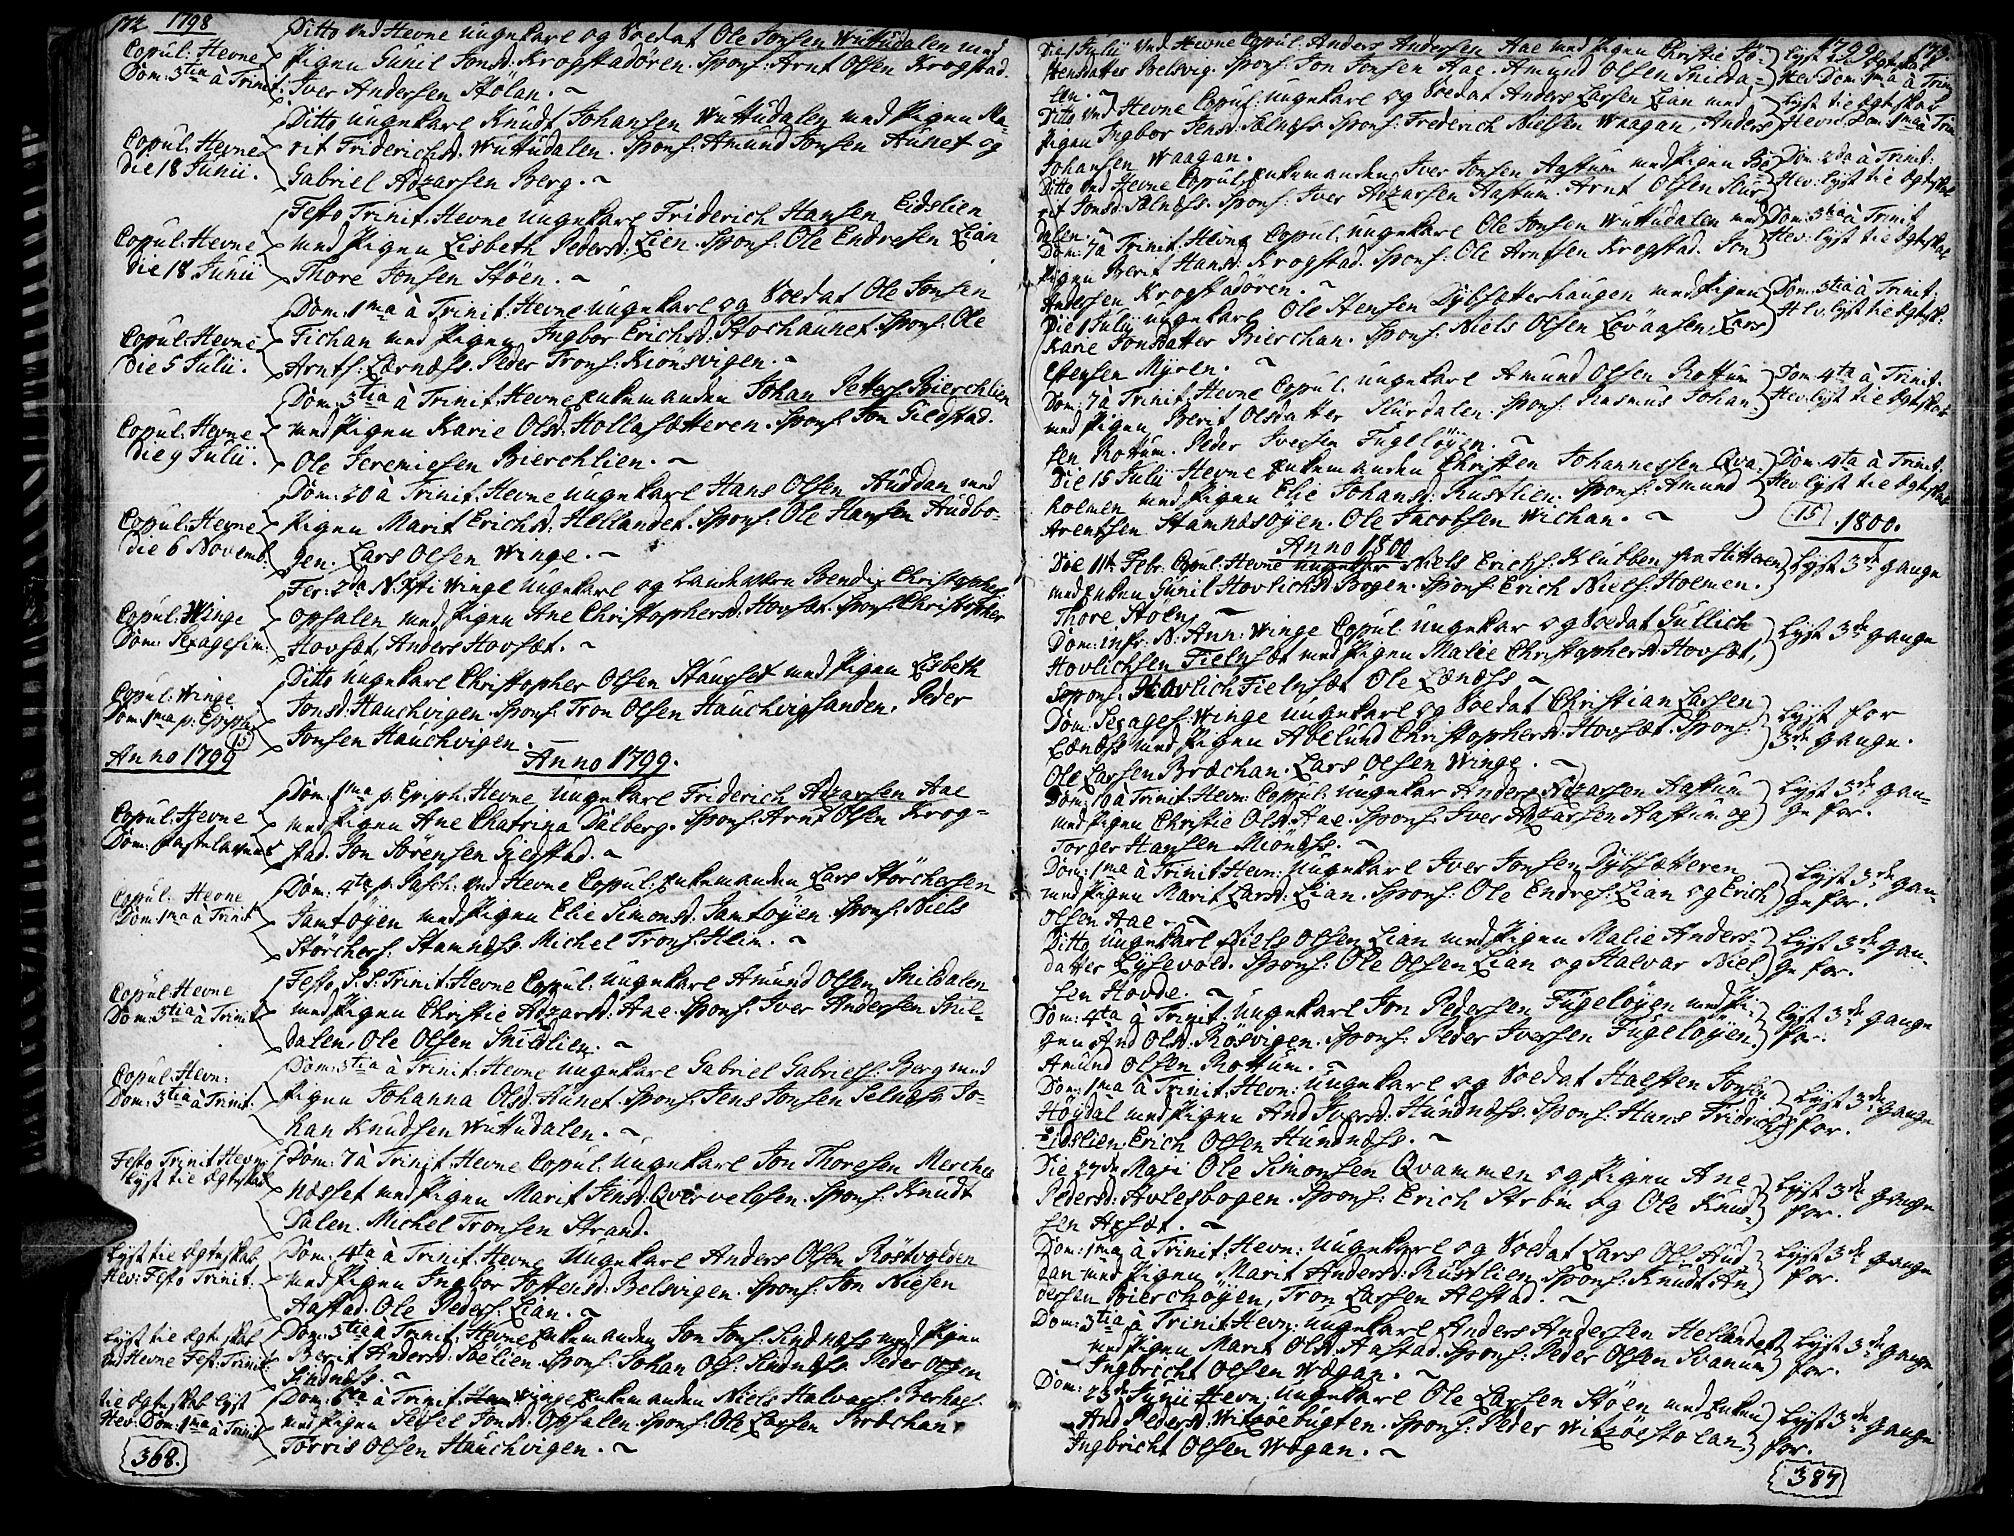 SAT, Ministerialprotokoller, klokkerbøker og fødselsregistre - Sør-Trøndelag, 630/L0490: Ministerialbok nr. 630A03, 1795-1818, s. 172-173